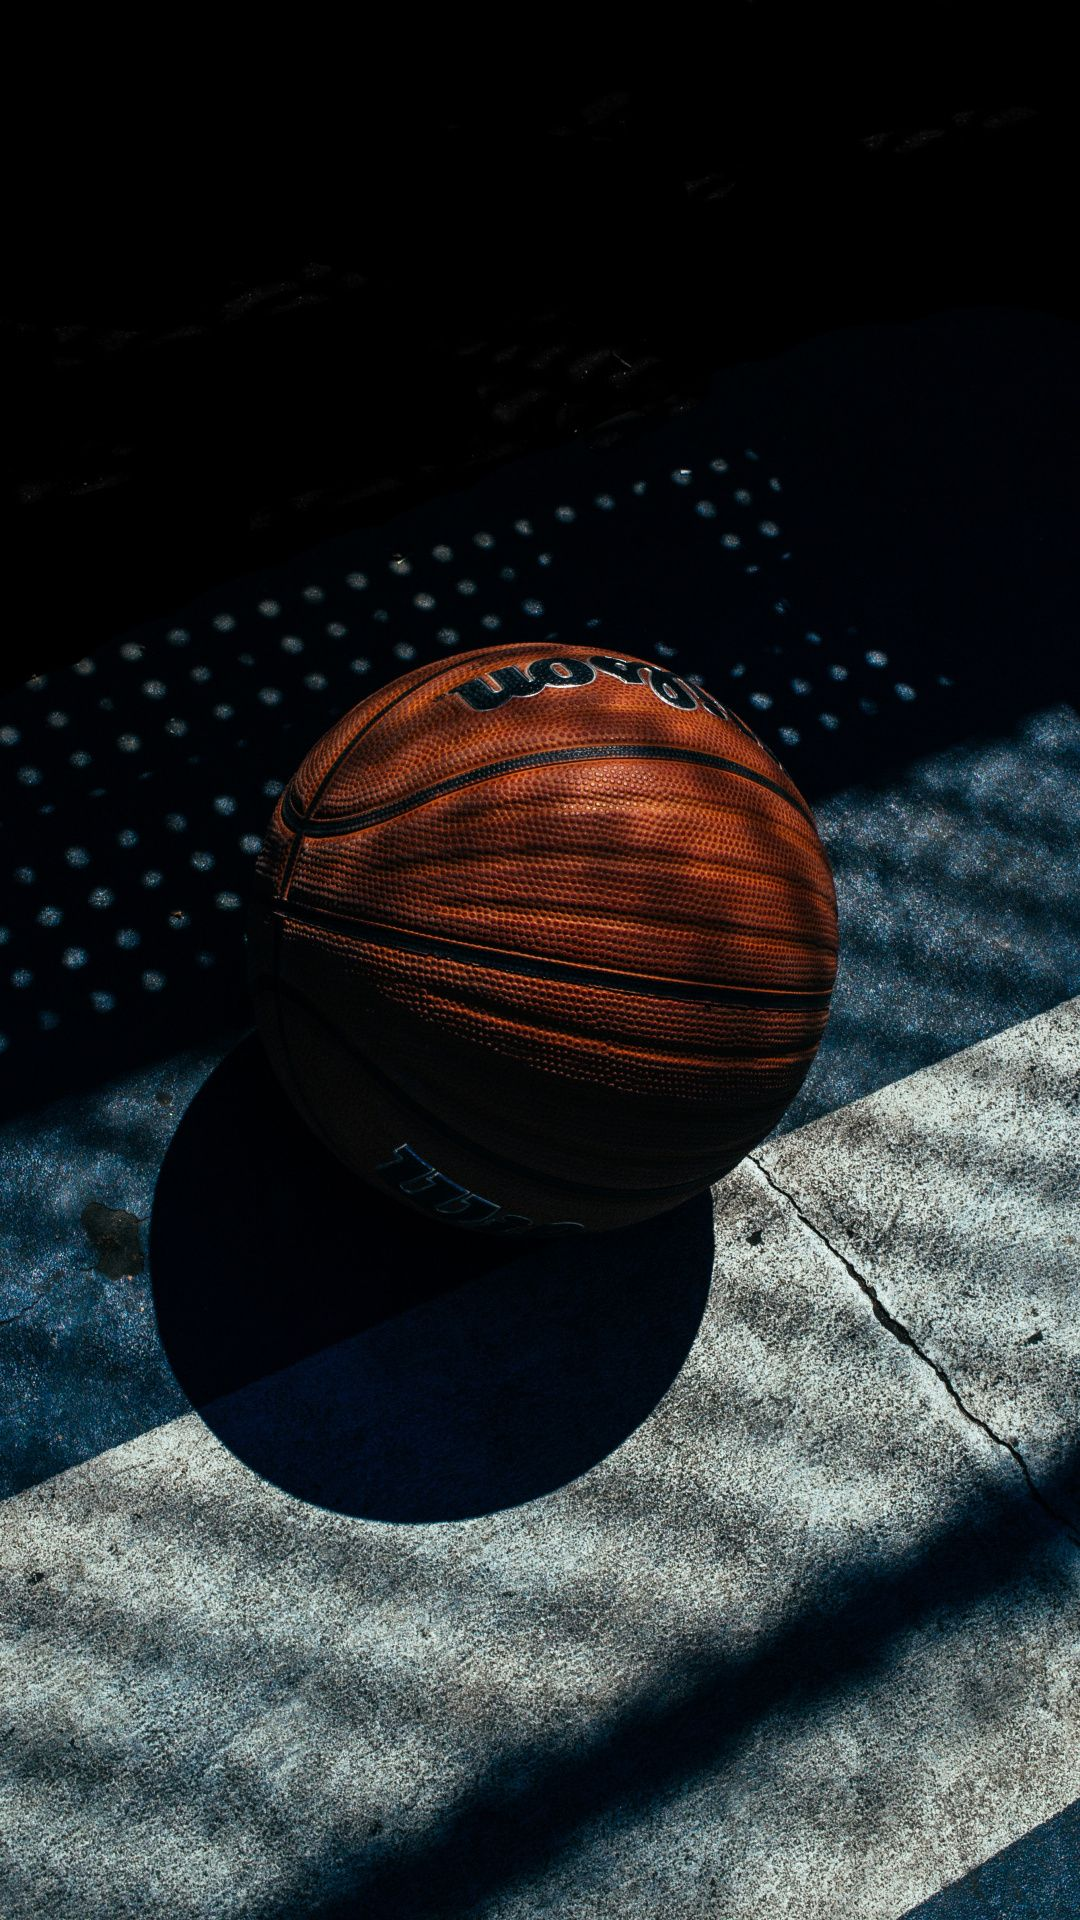 Foto Bola Basket : basket, Wallpapers, Space,, Basketball,, Basketball, Player,, Wood,, Brown, Pemain, Basket,, Fotografi, Olahraga,, Gambar, Basket